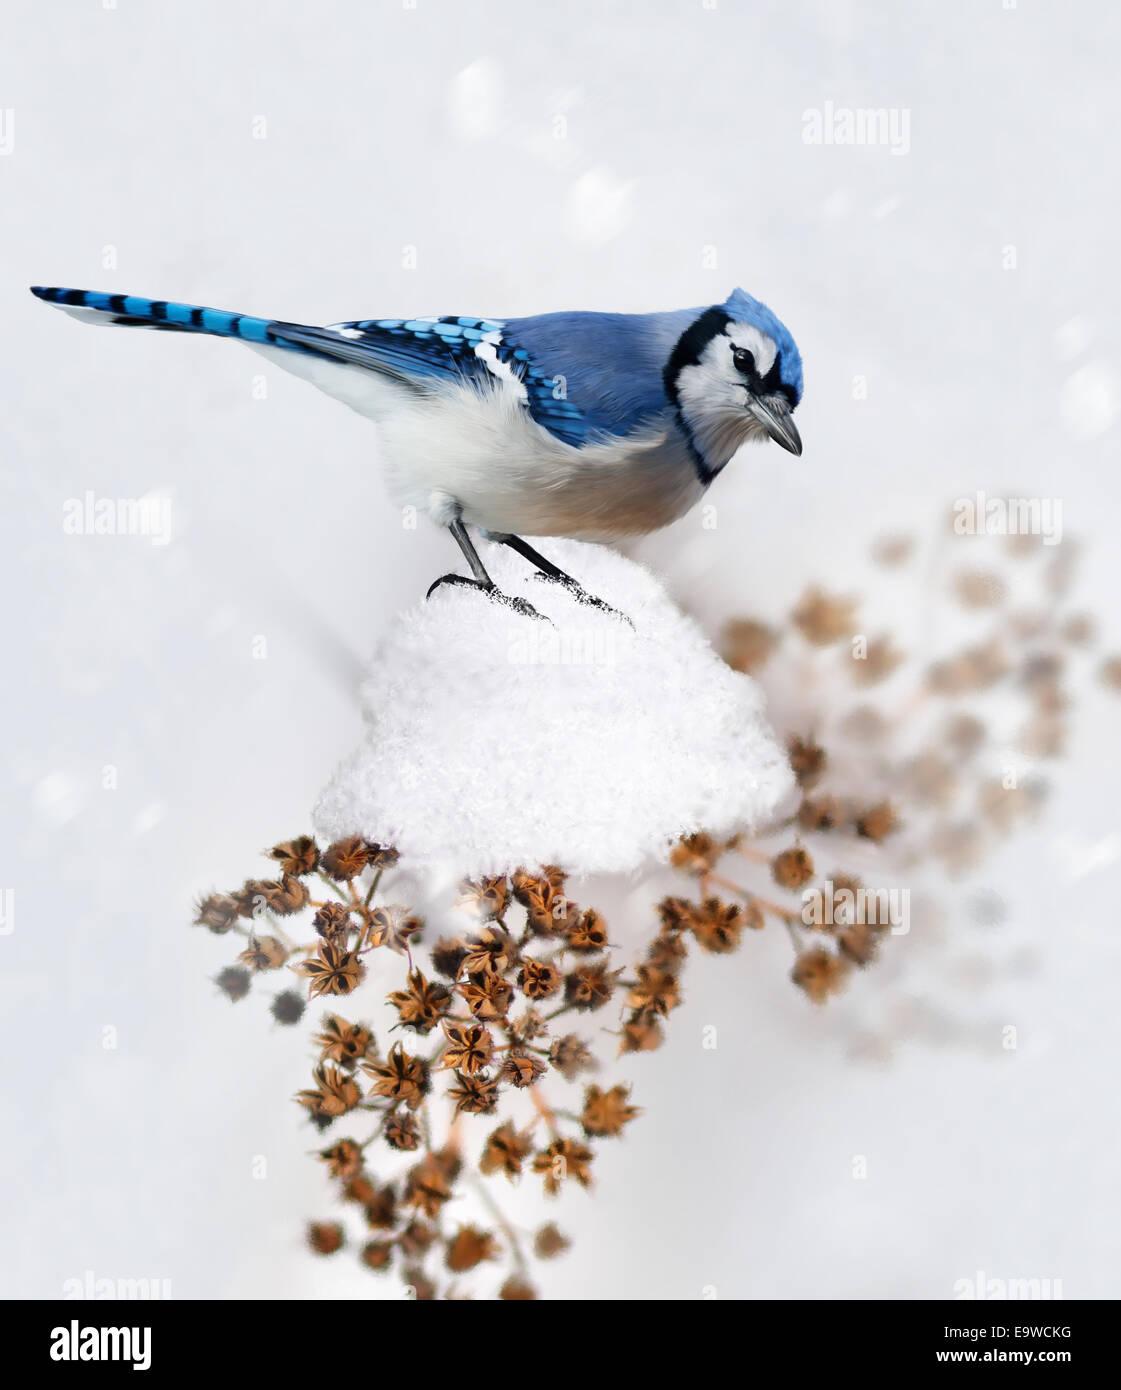 Peinture numérique de geai bleu en hiver Photo Stock